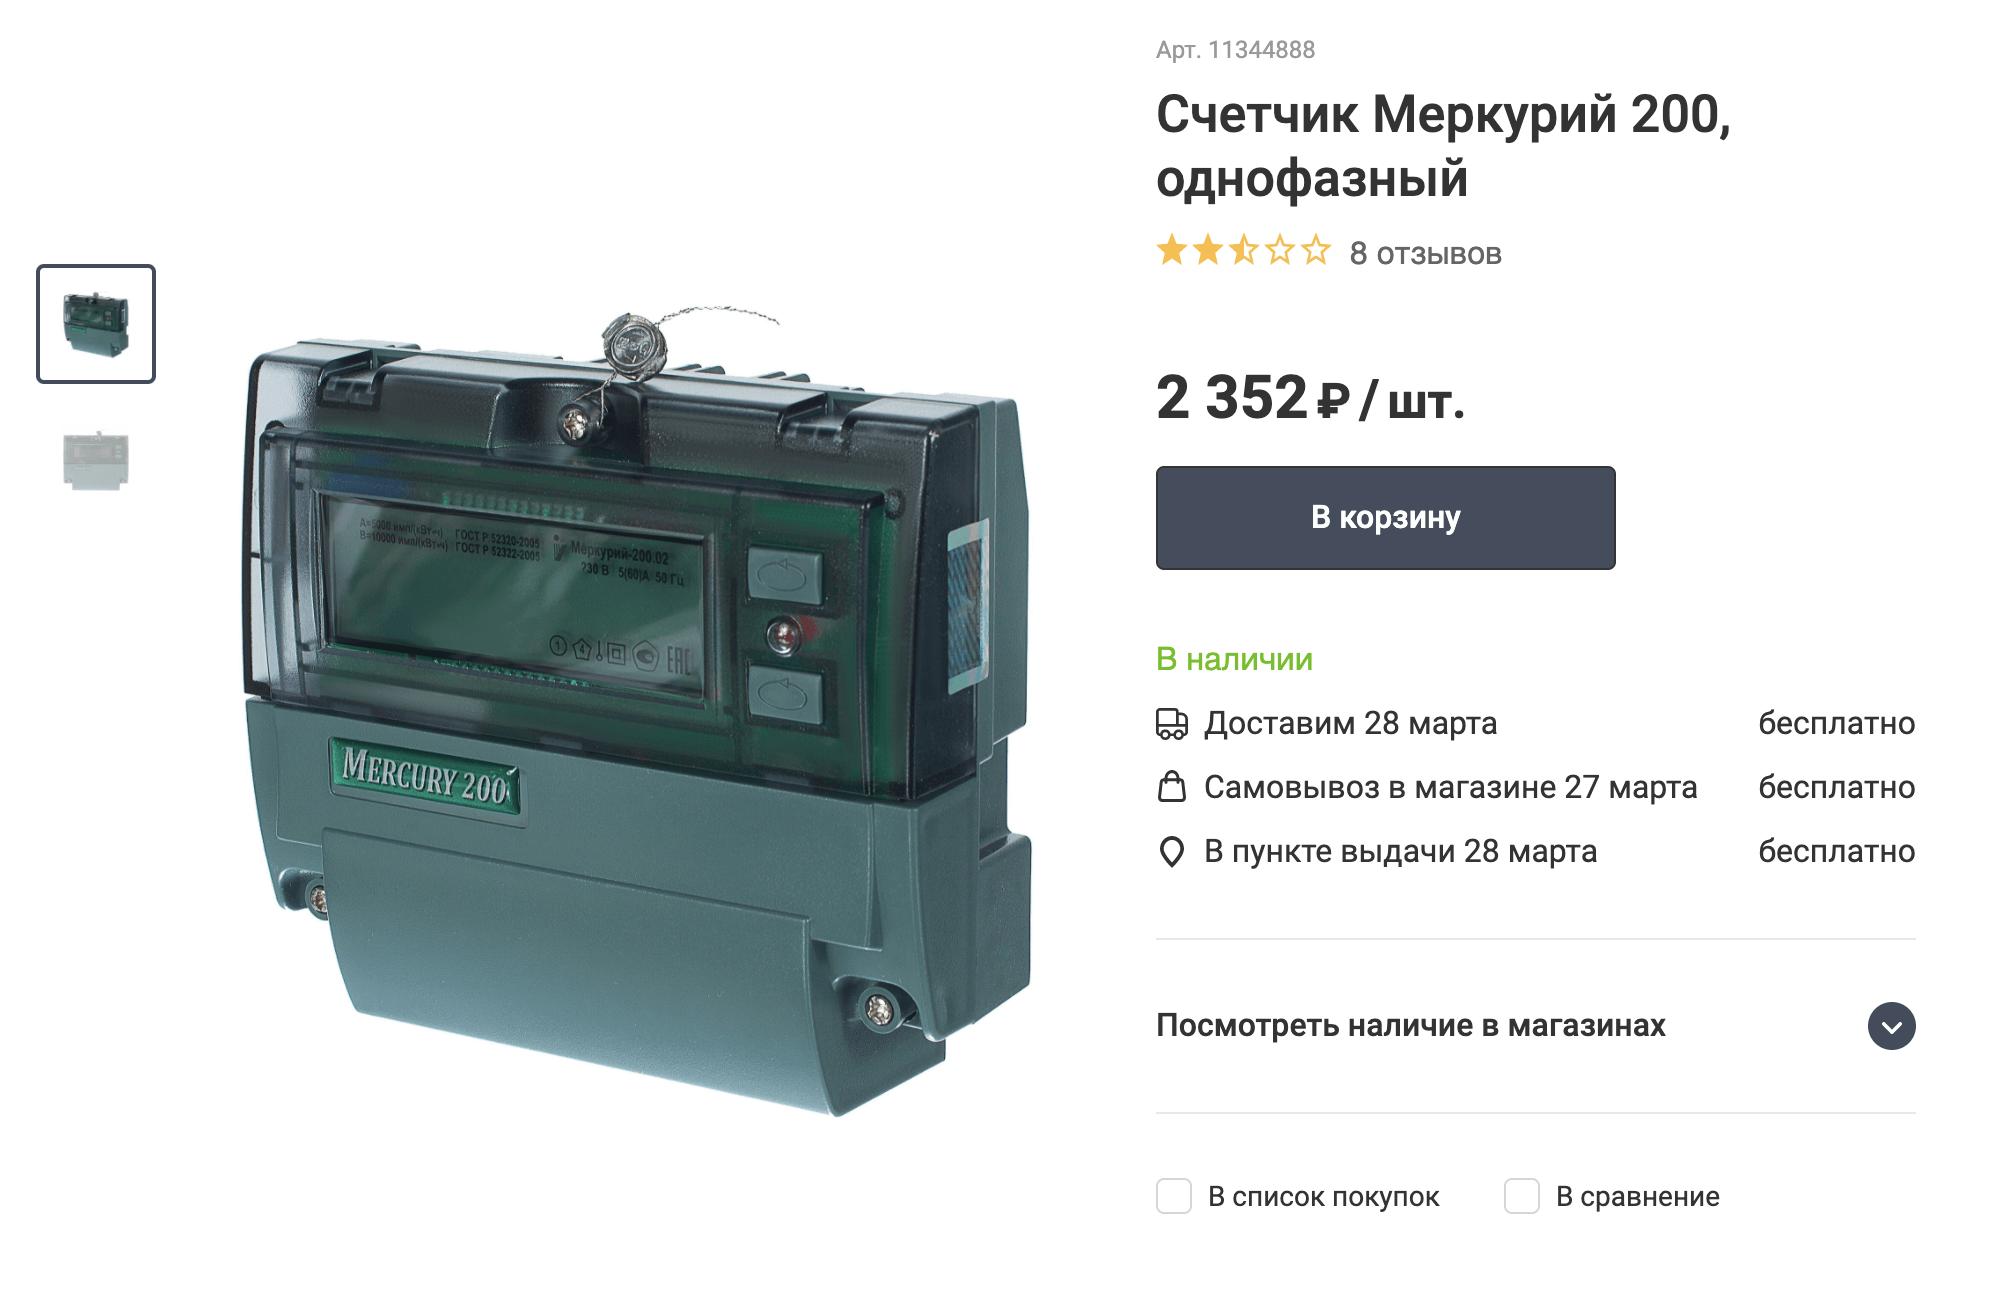 Это самый дешевый трехтарифный счетчик из «Леруа Мерлена». Жаль только, что отзывы у него не очень хорошие. Люди пишут, что он по умолчанию запрограммирован на один тариф и его надо перепрограммировать на три